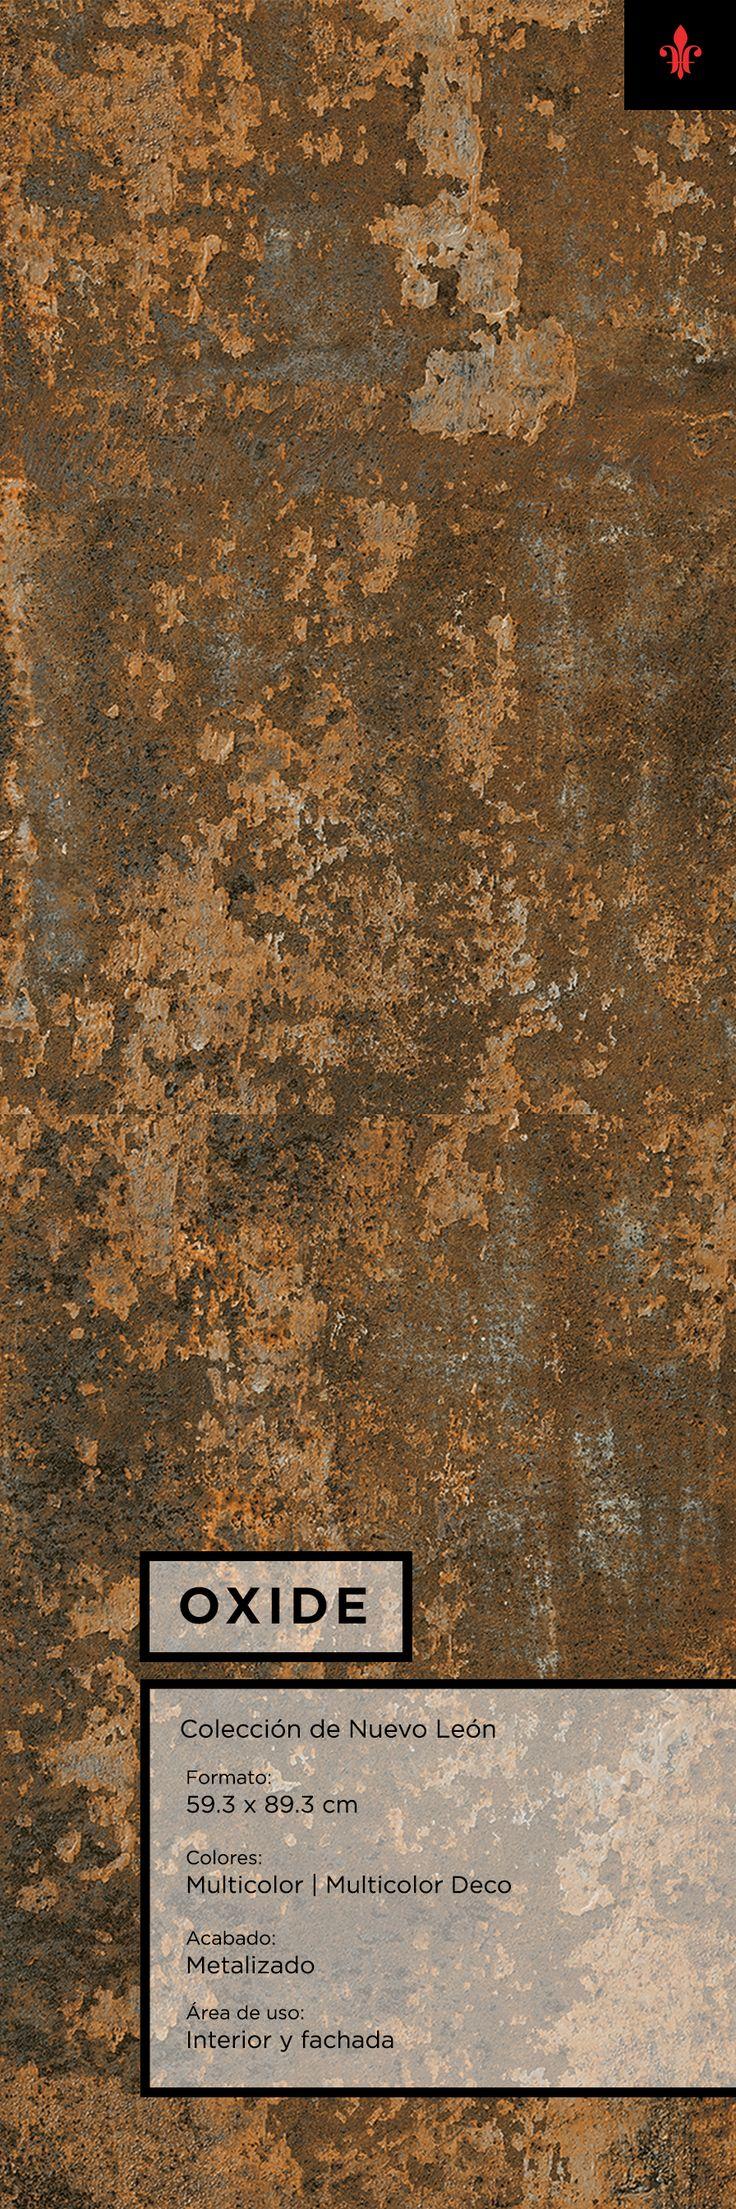 El porcelánico Oxide de Firenze toma un acabado metalizado con textura que viste muros con un original acabado y textura de metal corrugado.